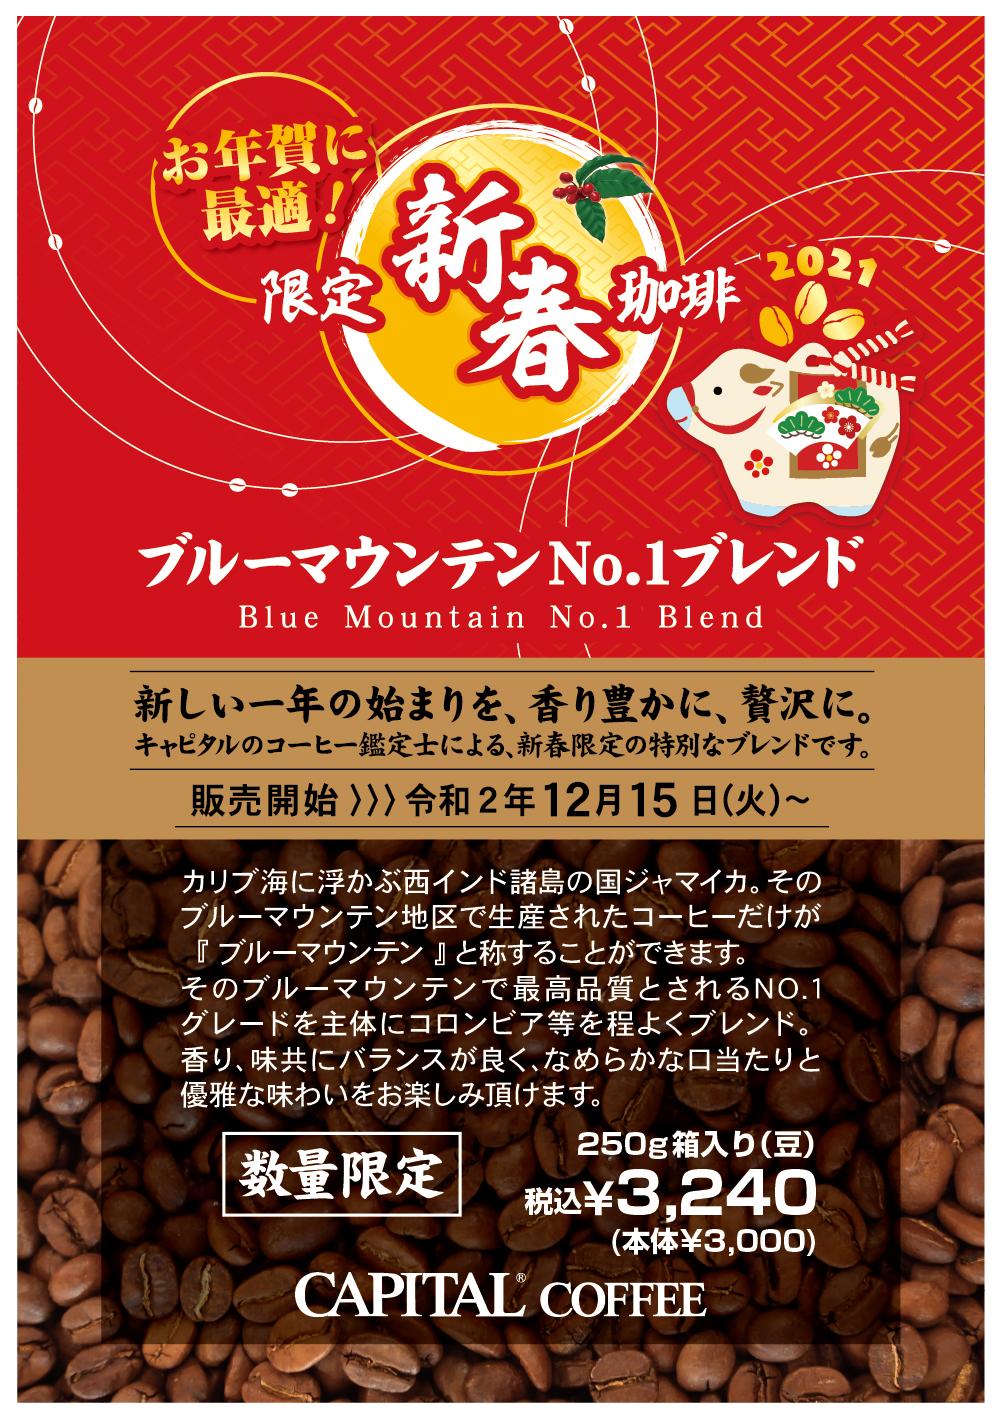 新春珈琲 ブルーマウンテンNo.1ブレンド 2020年12月15日より数量限定販売